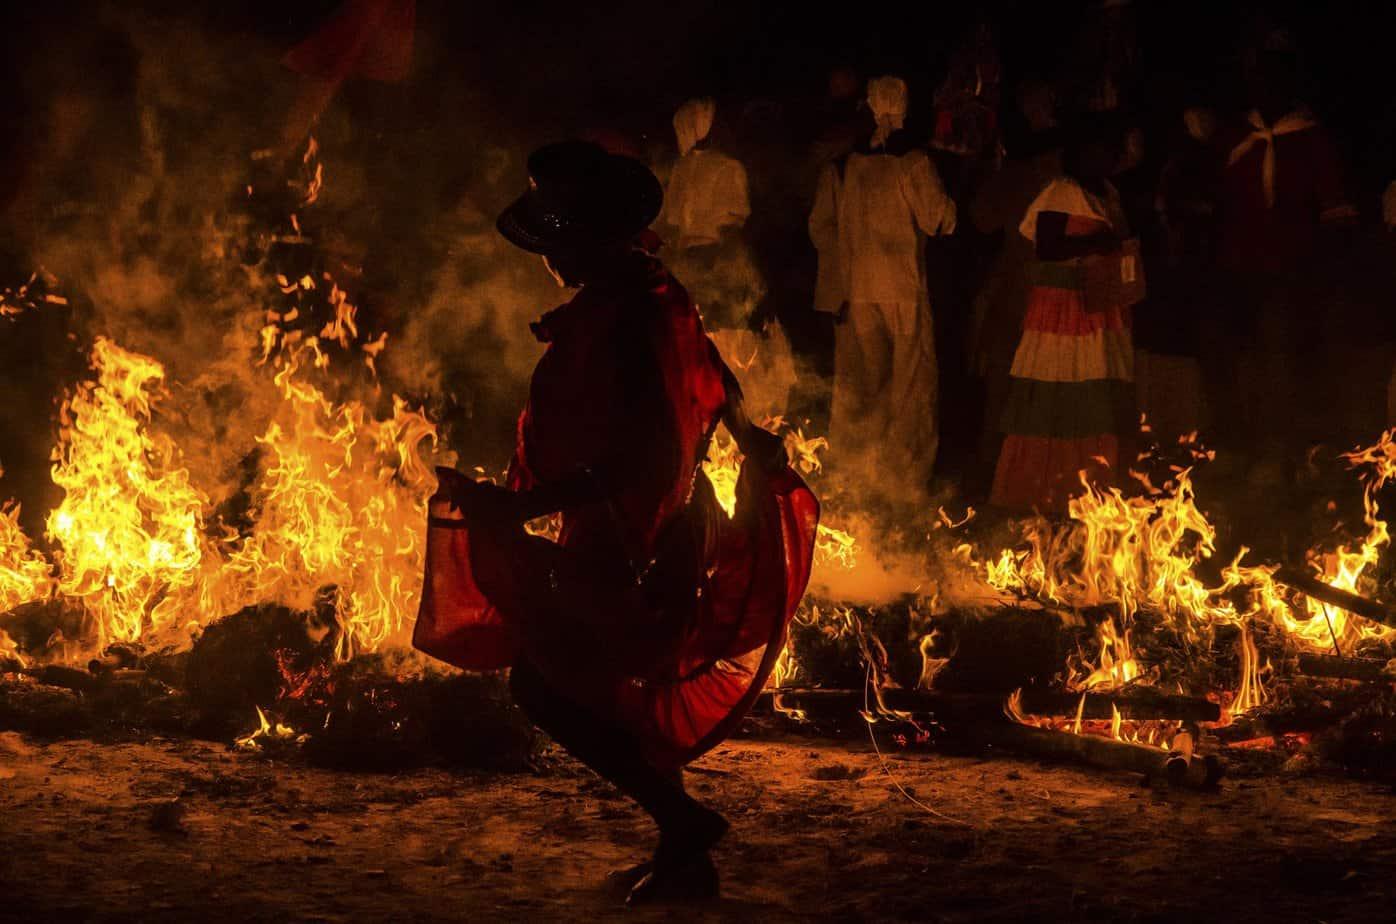 Fiesta del Fuego: la tradición de Santiago de Cuba que hace arder la ciudad año tras año